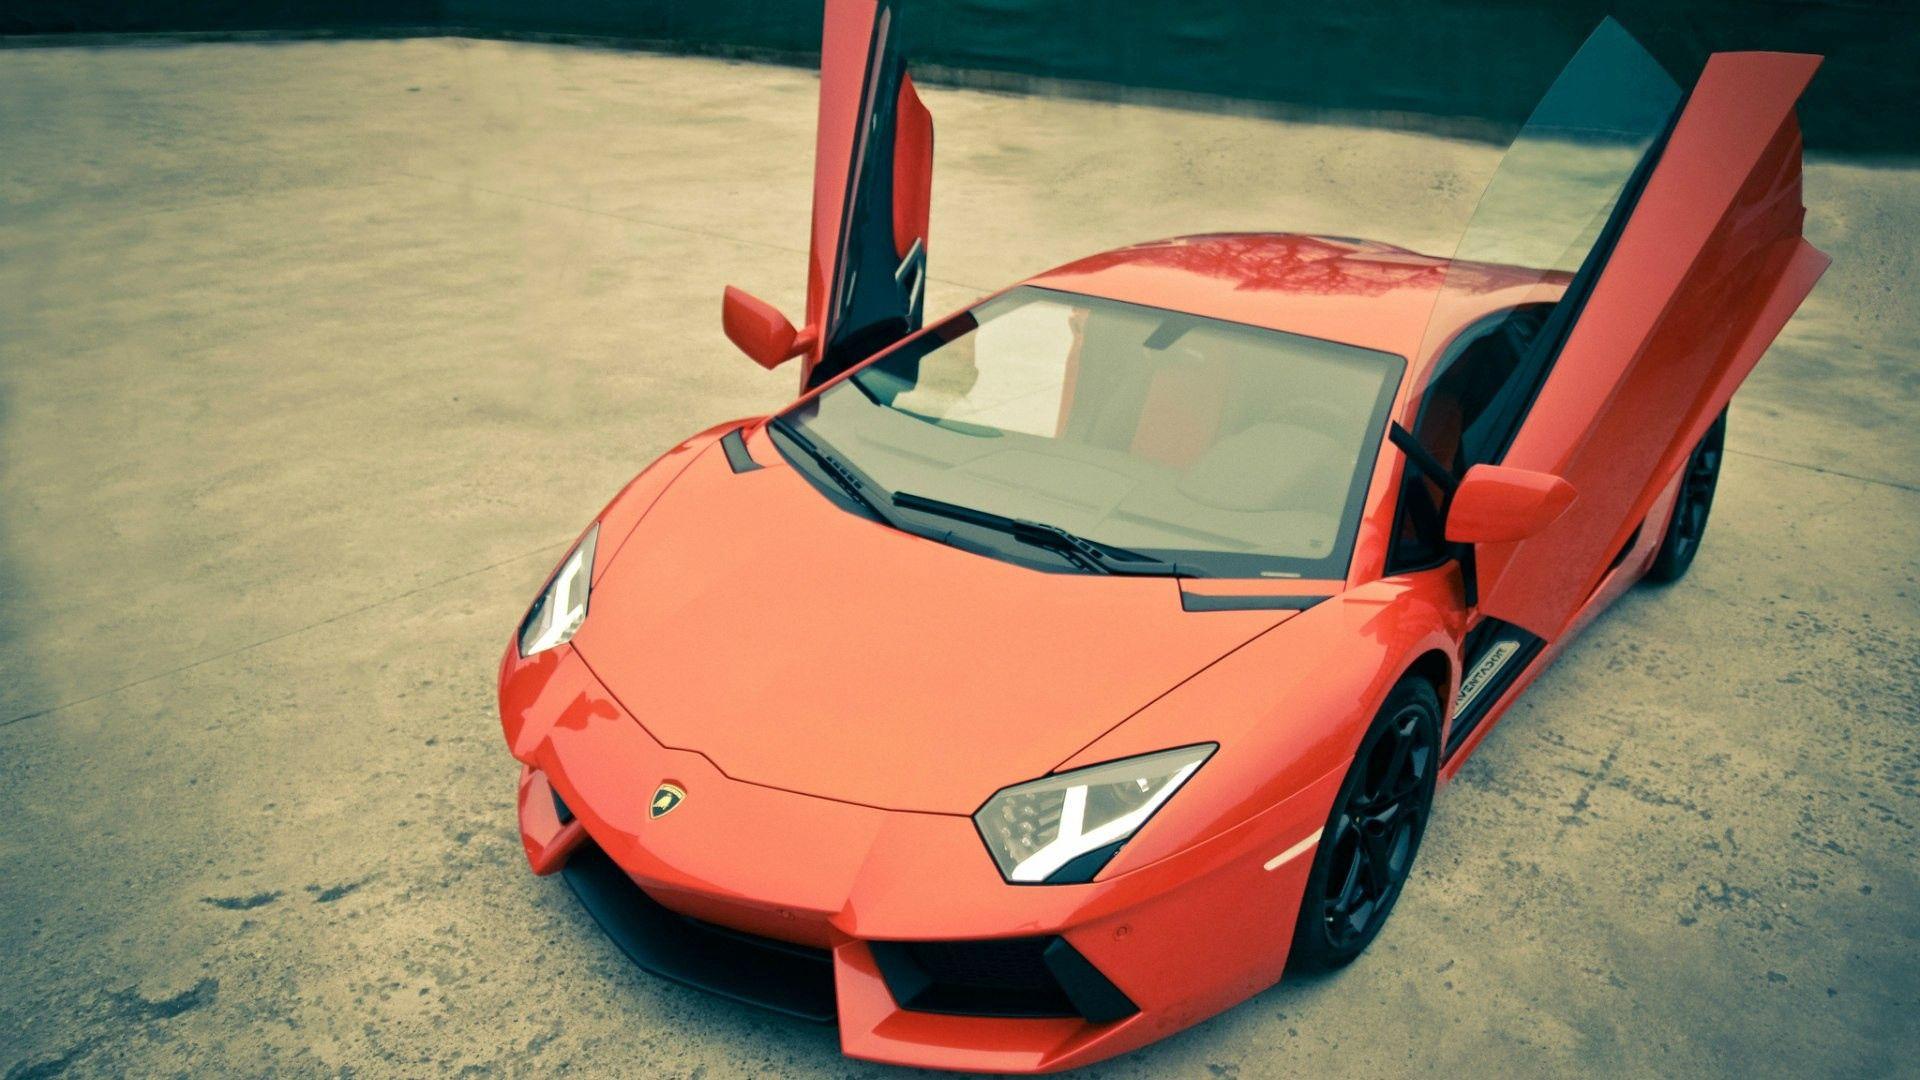 129764 Salvapantallas y fondos de pantalla Automóvil en tu teléfono. Descarga imágenes de Coches, Automóvil, Estilo, Lamborghini gratis